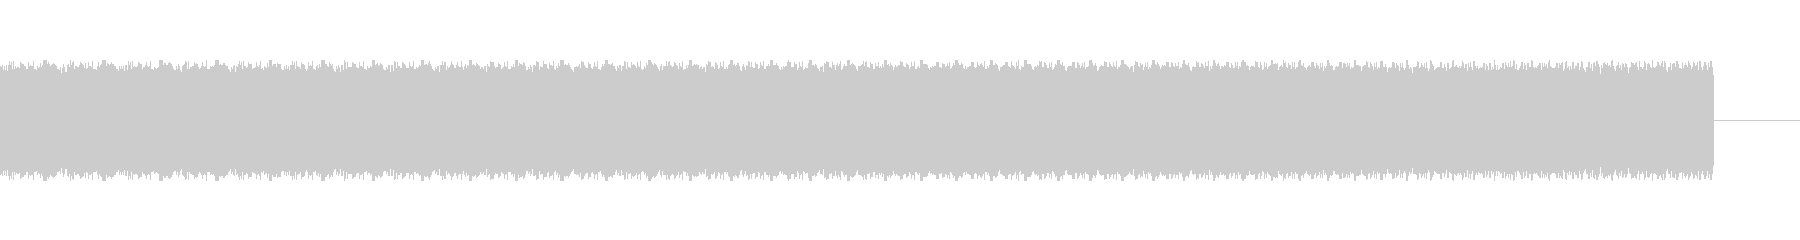 パチンコ的煽り音03(上がる、上昇)の未再生の波形